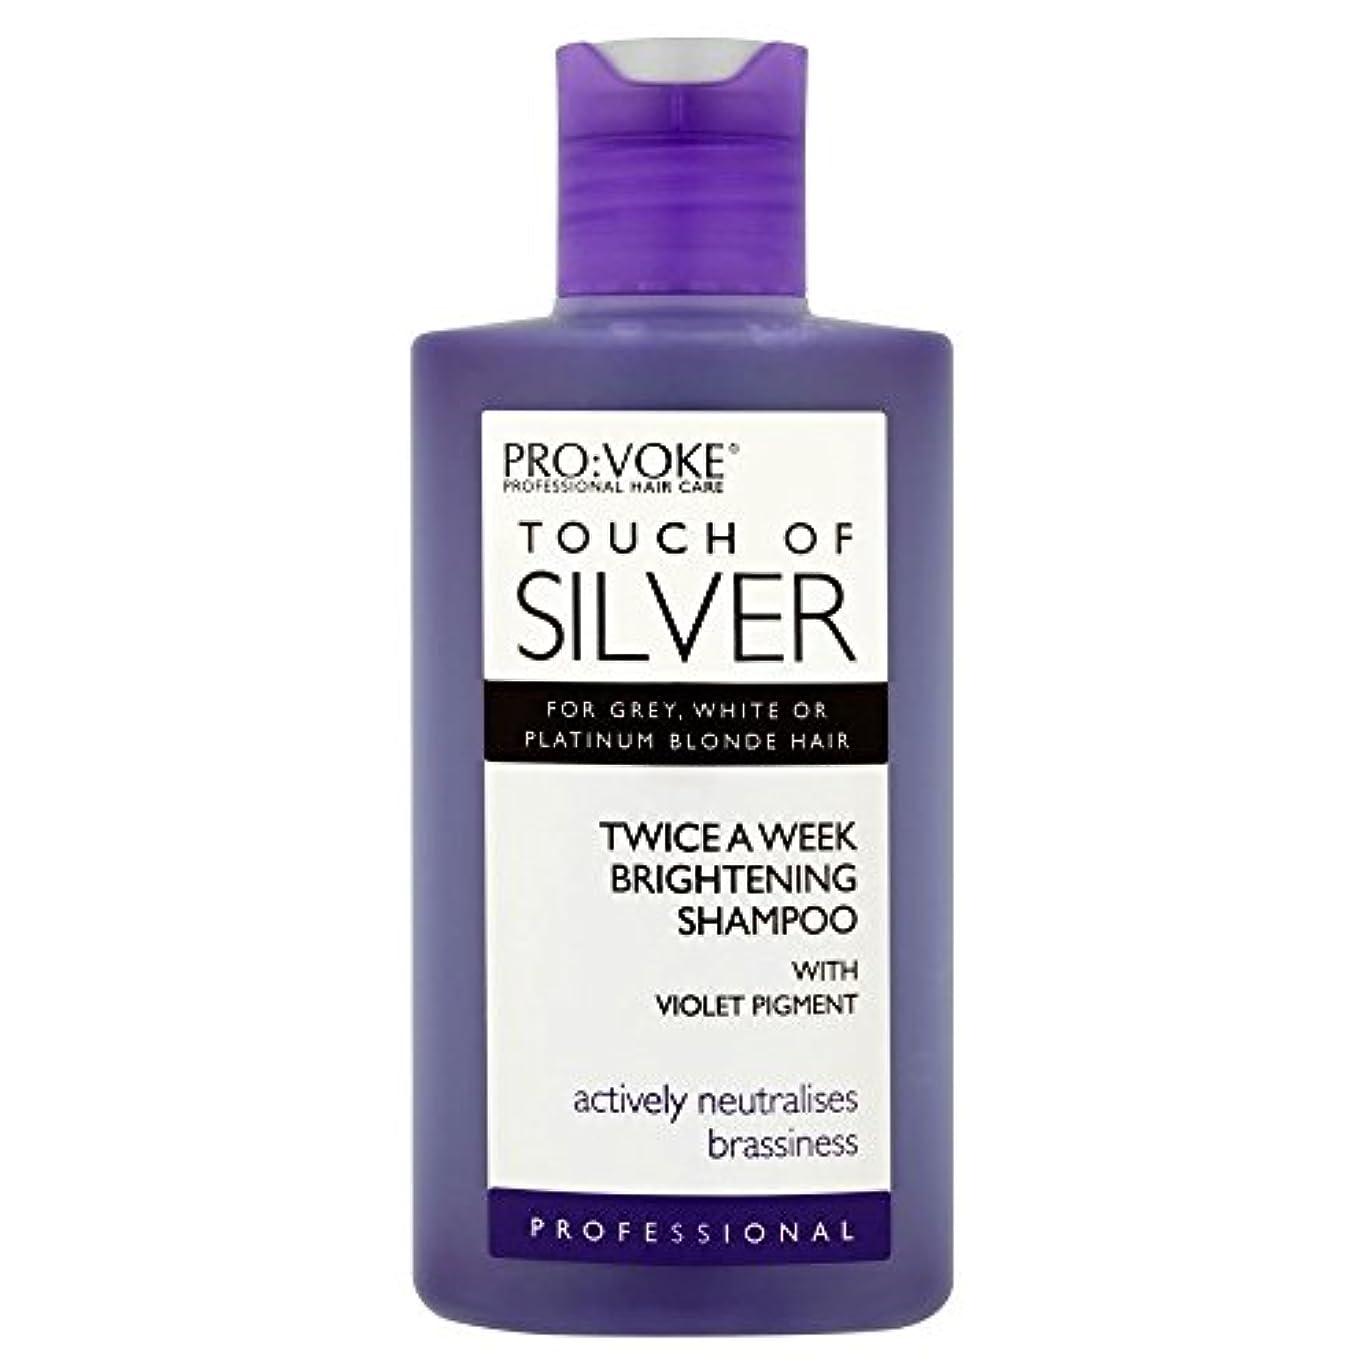 摂氏度種終点Pro:voke Touch of Silver Professional Twice a Week Brightening Shampoo (150ml) プロ:プロの銀二回週白シャンプーのvokeタッチ( 150ミリリットル...